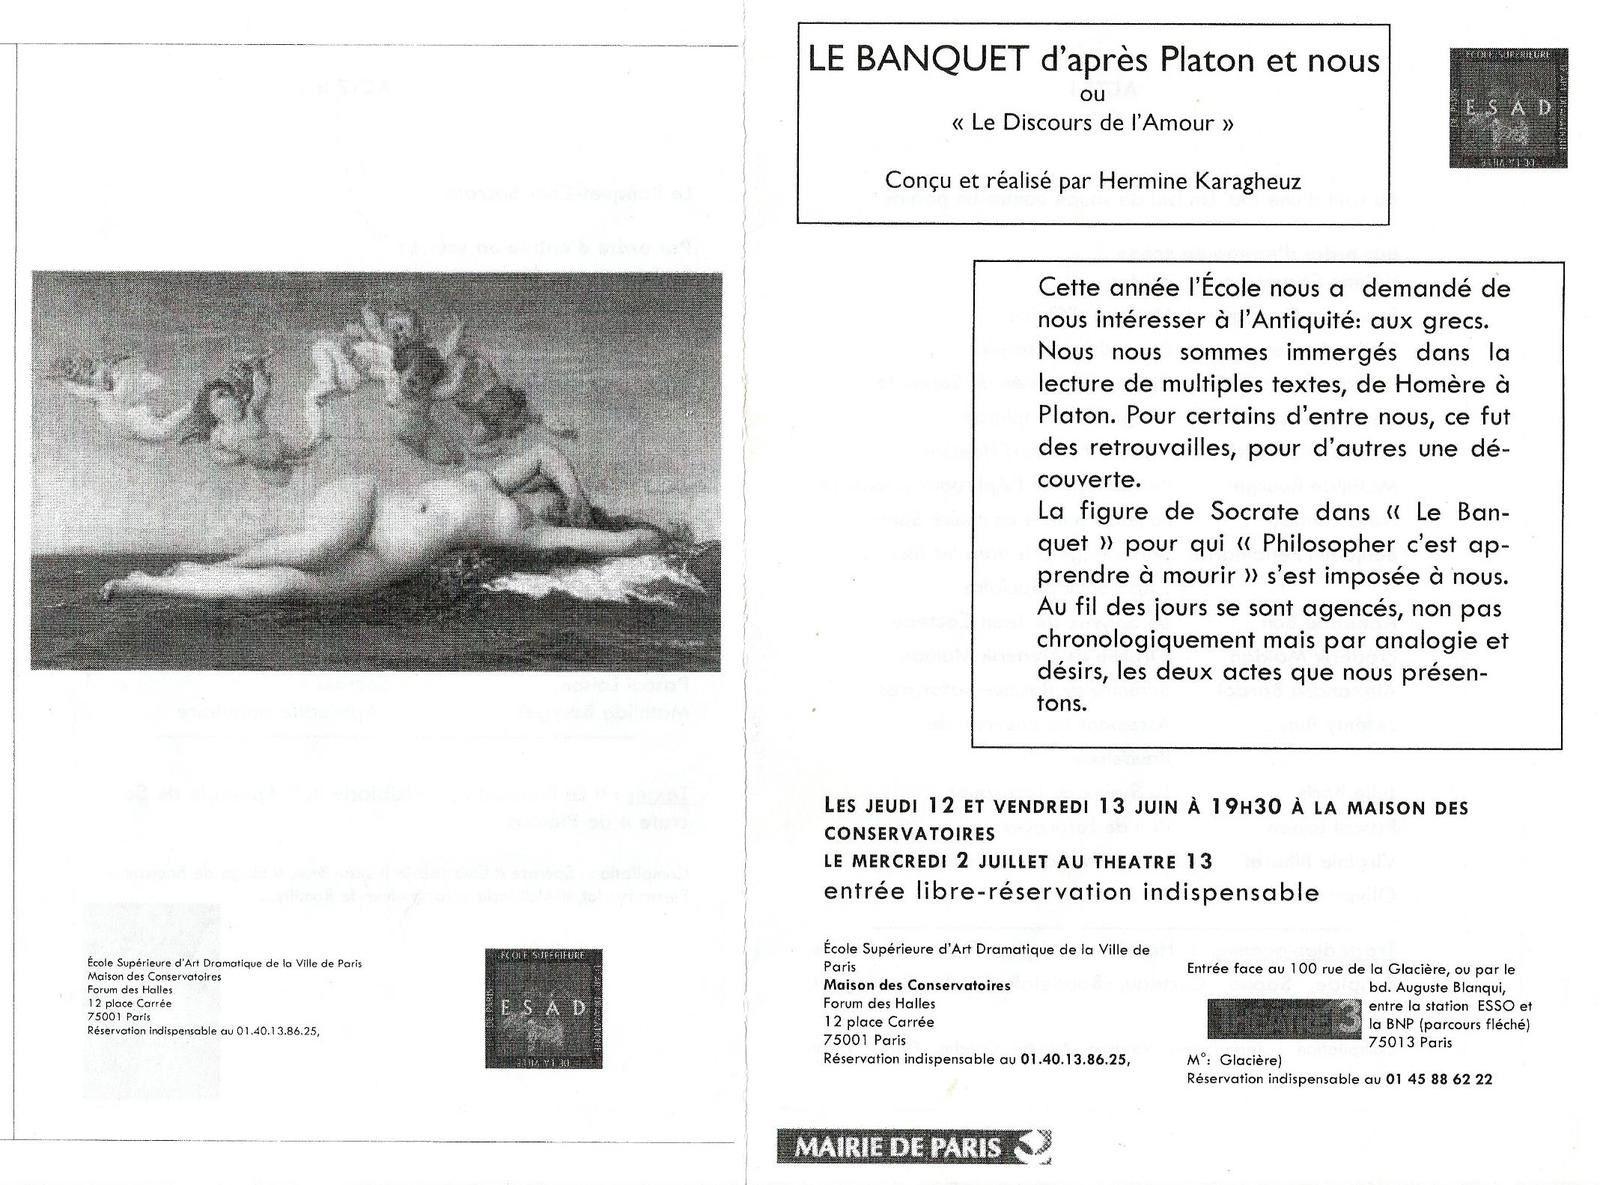 LE BANQUET D'APRES PLATON ET NOUS ou &quot&#x3B;Le Discours de l'Amour&quot&#x3B; - Ecole Supérieure d'Art Dramatique de la Ville de Paris (Maison des conservatoires)